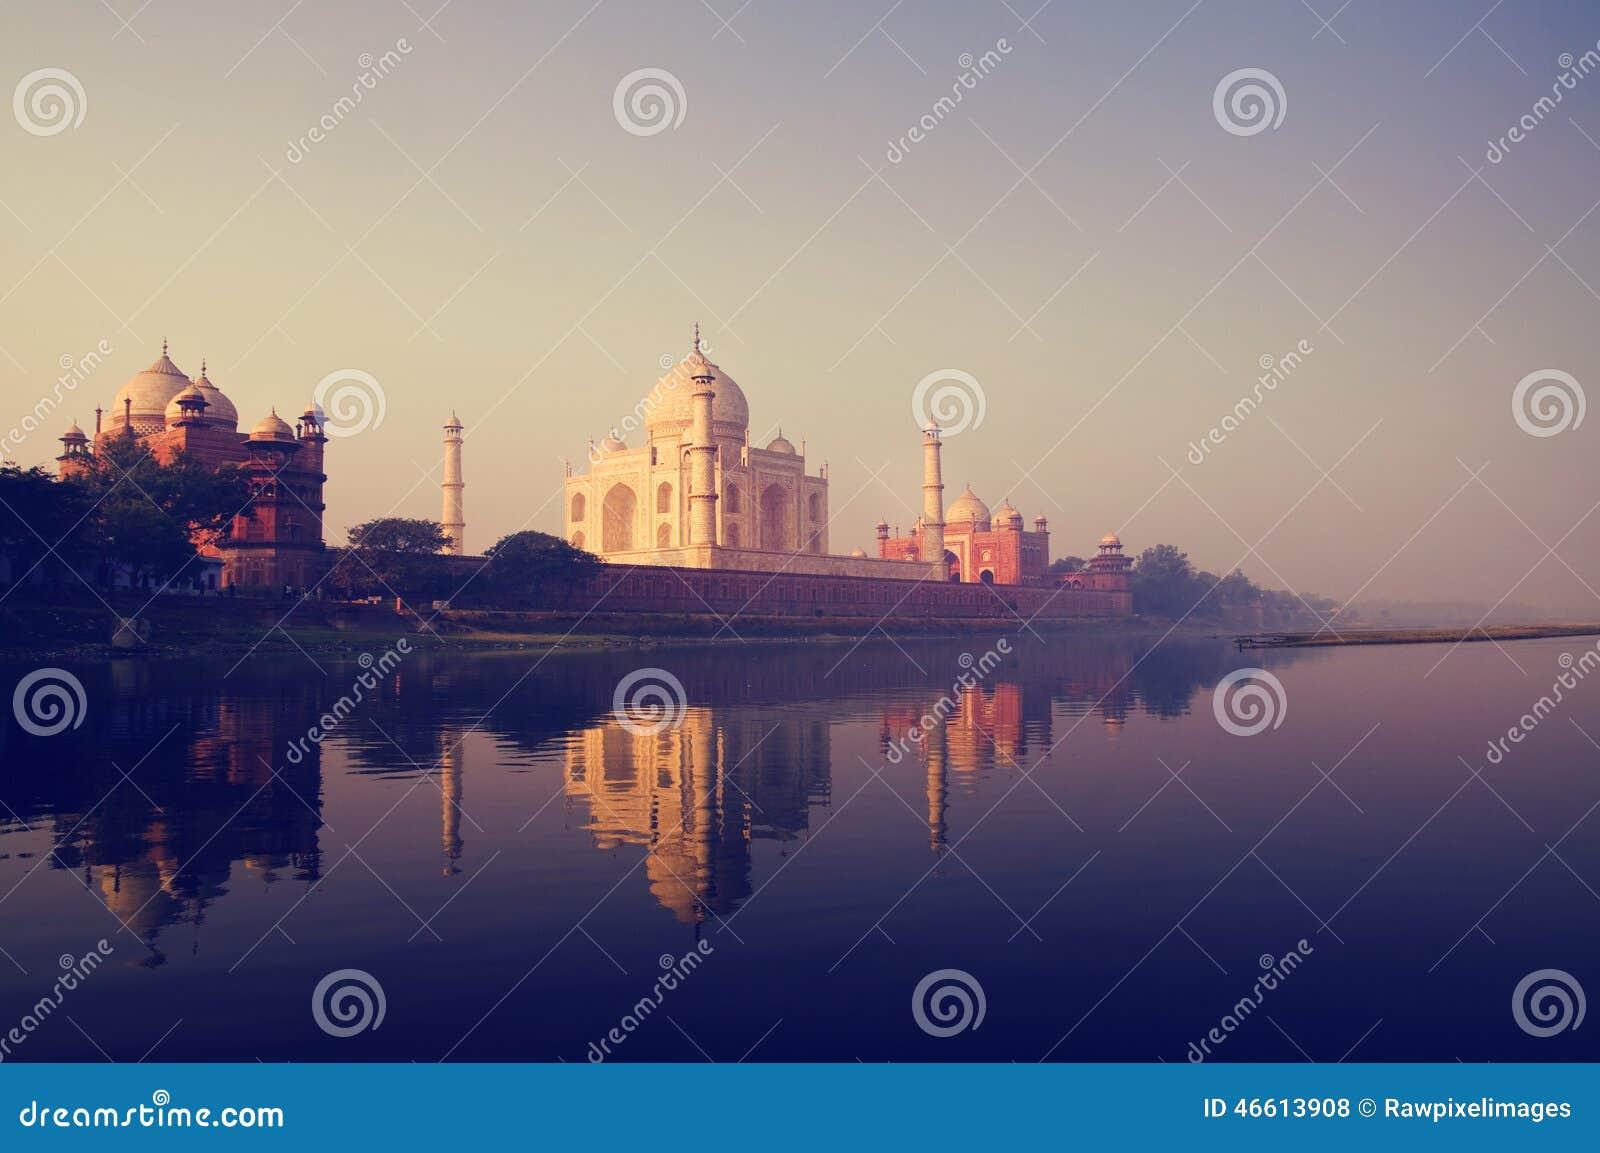 Taj Mahal India Seven Wonders-Concept